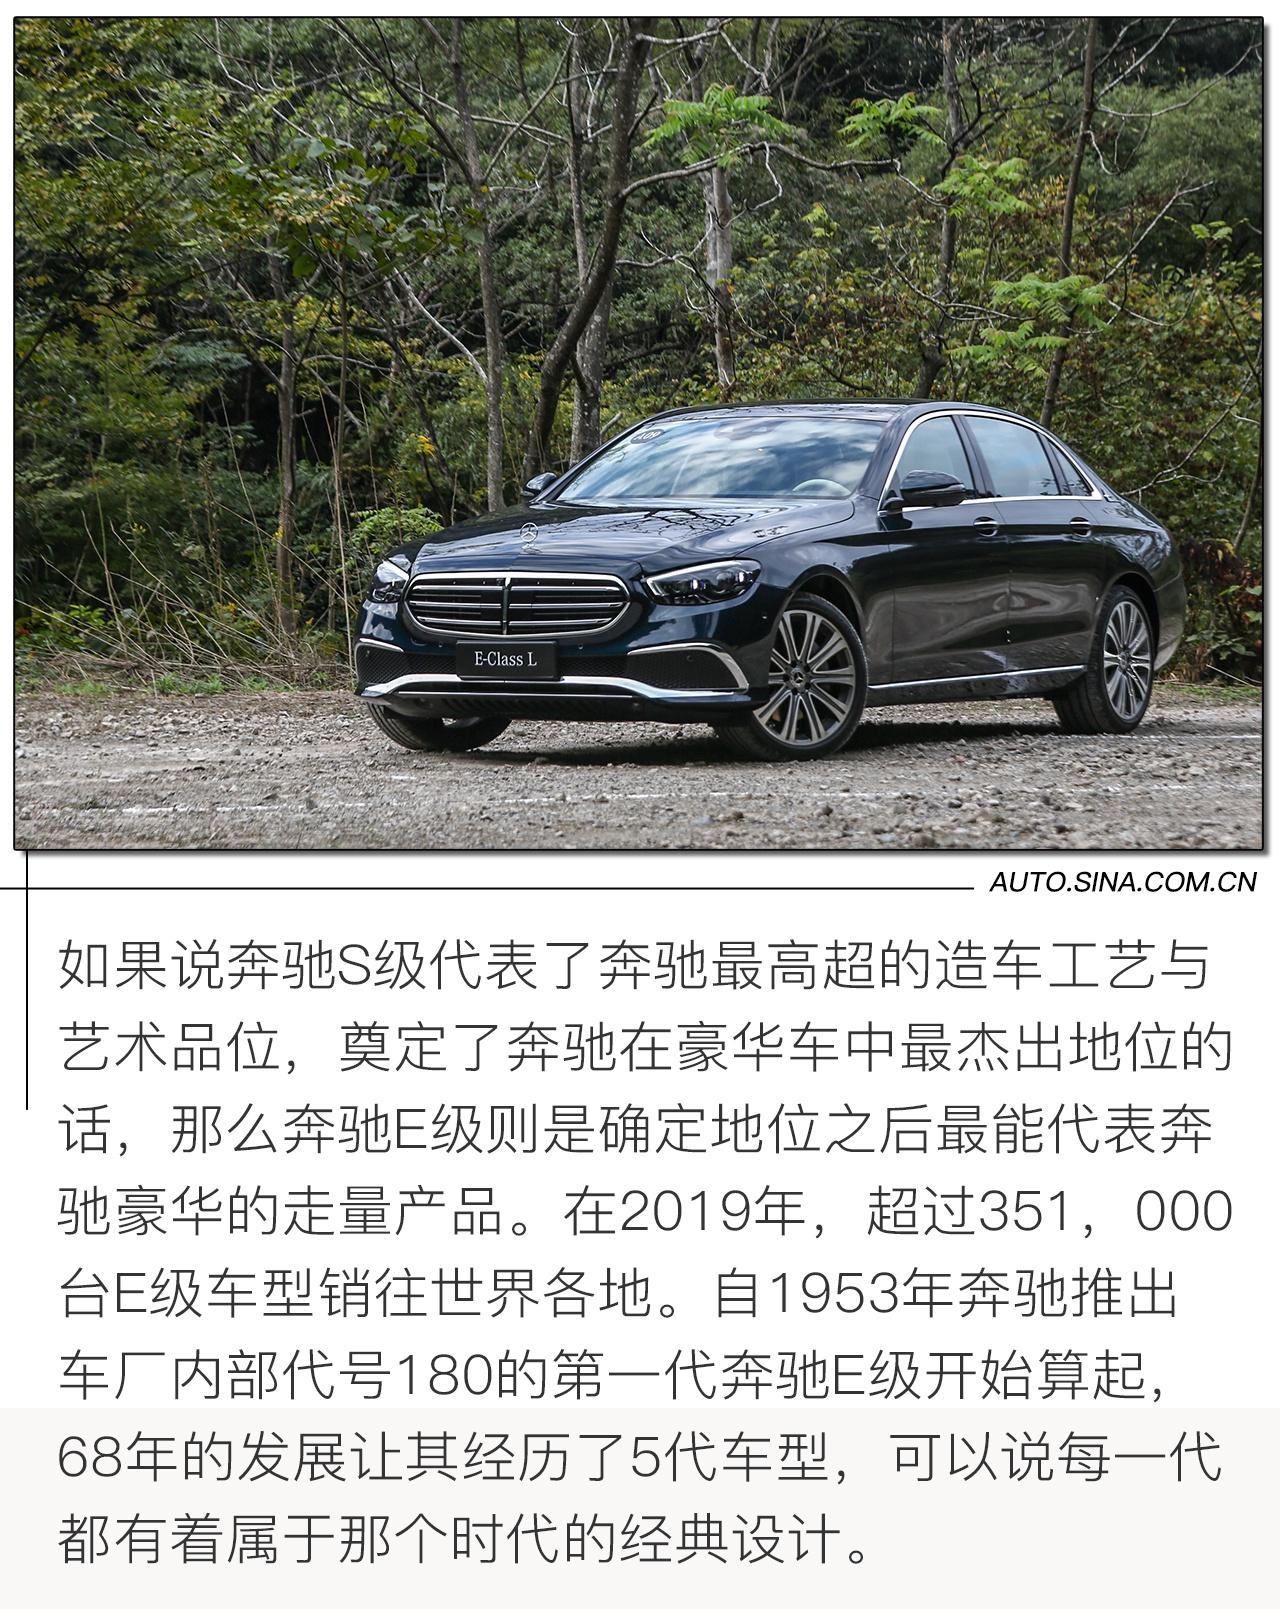 豪华不减/年轻加成 试新款奔驰E级350 L 4MATIC